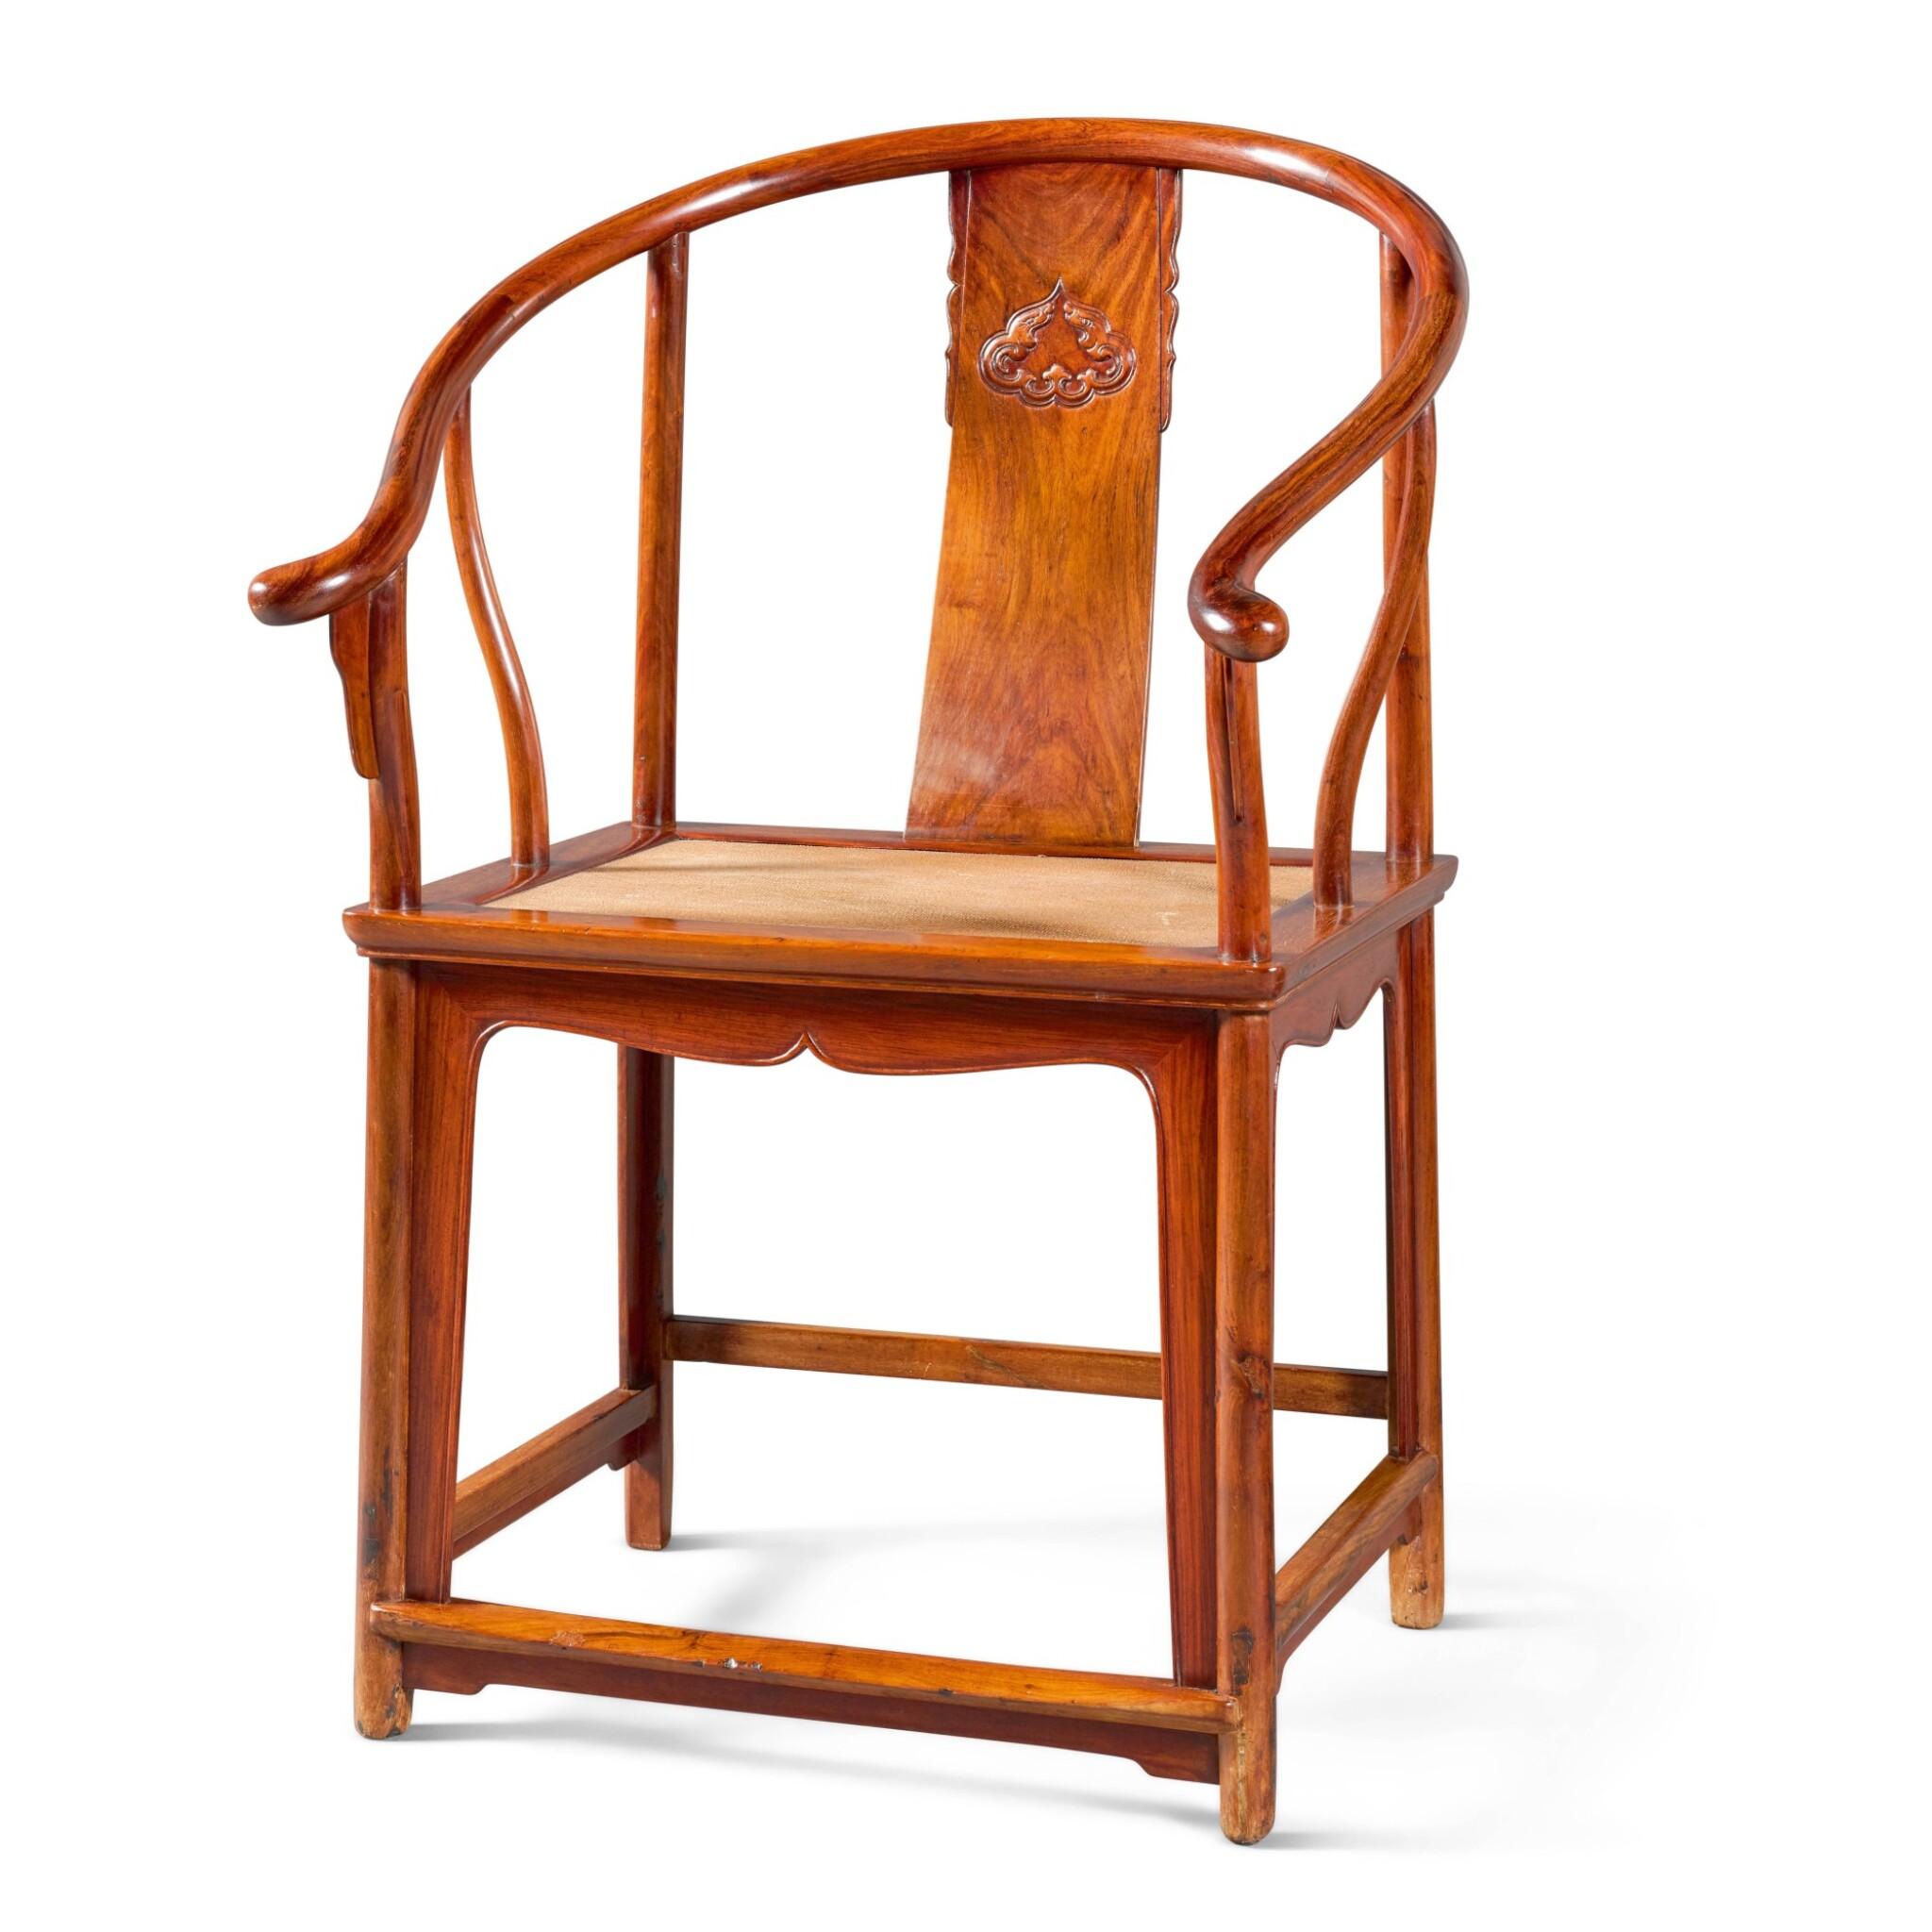 A HUANGHUALI HORSESHOE-BACK ARMCHAIR, QUANYI QING DYNASTY, 17TH/18TH CENTURY | 清十七/十八世紀 黃花梨圈椅